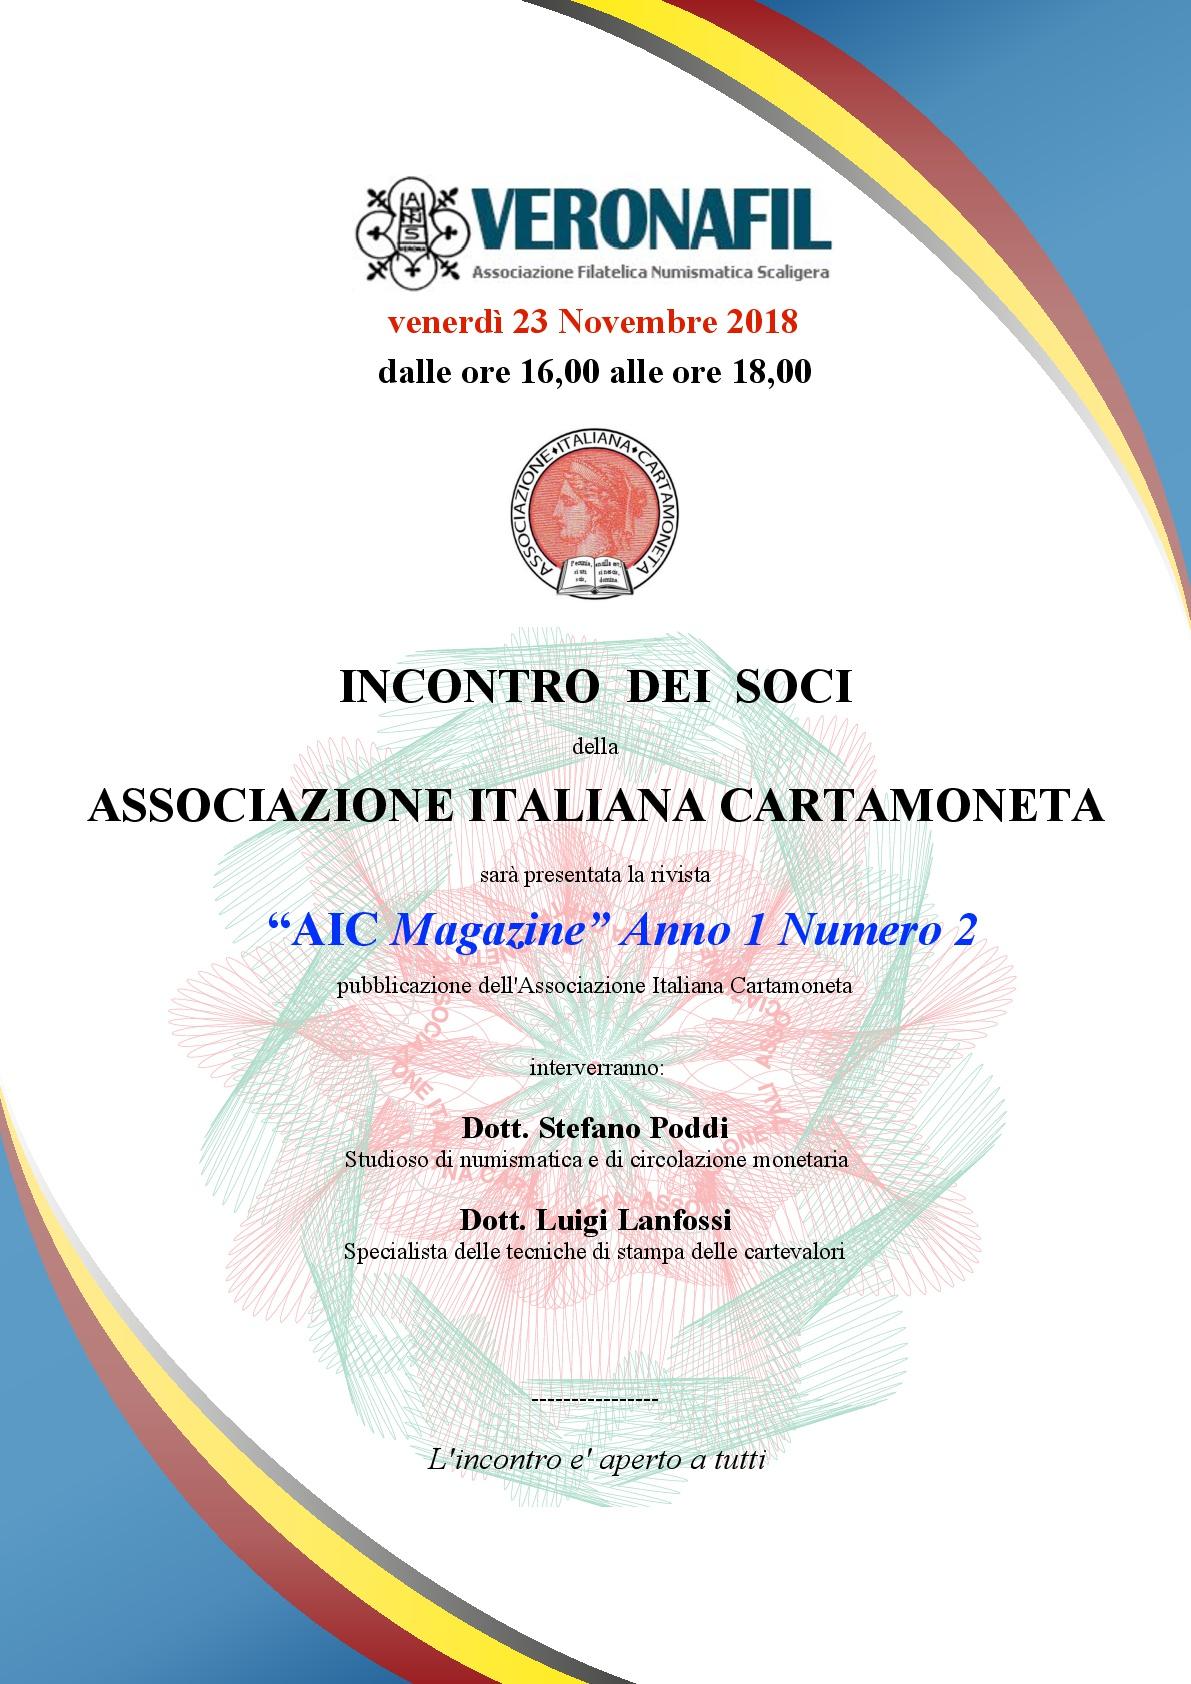 """PRESENTAZIONE DI """"AIC Magazine"""" ANNO I, N.2 A VERONAFIL"""